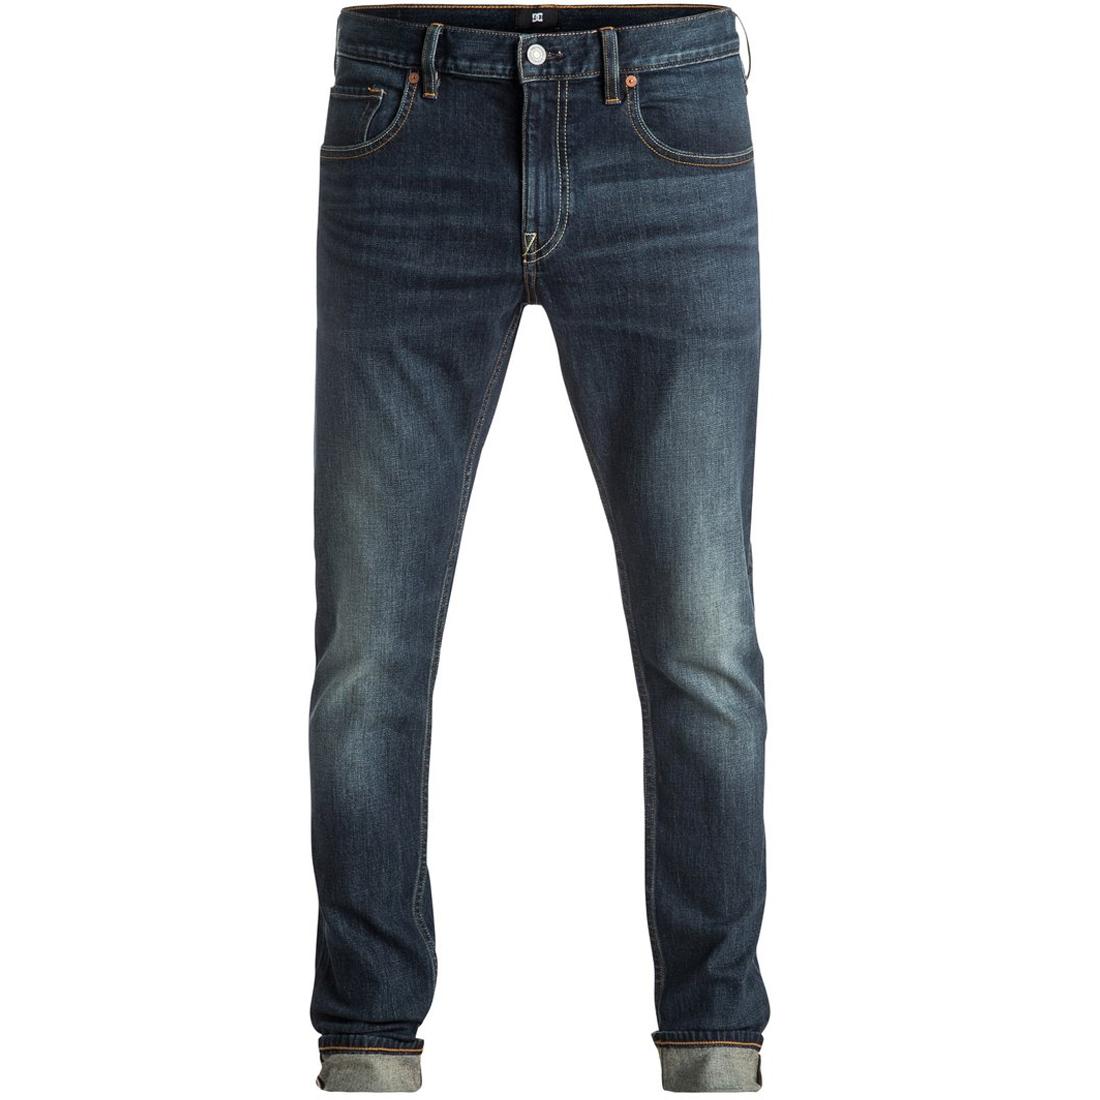 New SKINNY WASHED M PANTДжинсы и Брюки<br>Мужские джинсы от DC, эластичный материал которых не стеснят движений, а крой скинни обеспечит отличную посадку. Практичный вариант для повседневной носки, который будет удачно сочетаться с любым гардеробом.  <br> <br> <br> Особенности: <br><br>Эластичный деним <br><br>Средняя плотность <br><br>Узкий крой скинни <br><br>5-карманный дизайн <br><br>Петли для ремня <br><br>Ширинка на молнии <br><br>Полиуретановая нашивка с логотипом DC на поясе сзади <br><br>Фирменный ярлычок на заднем кармане <br><br>Состав: 99% хлопок, 1% эластан.<br><br>Сезон: SS17<br>Артикул: 66712<br>Цвет: MEDIUM STONE<br>Пол: МУЖ<br>Пол: Мужcкое<br>Размер: 28<br>Тип вещи: ДЖИНСЫ